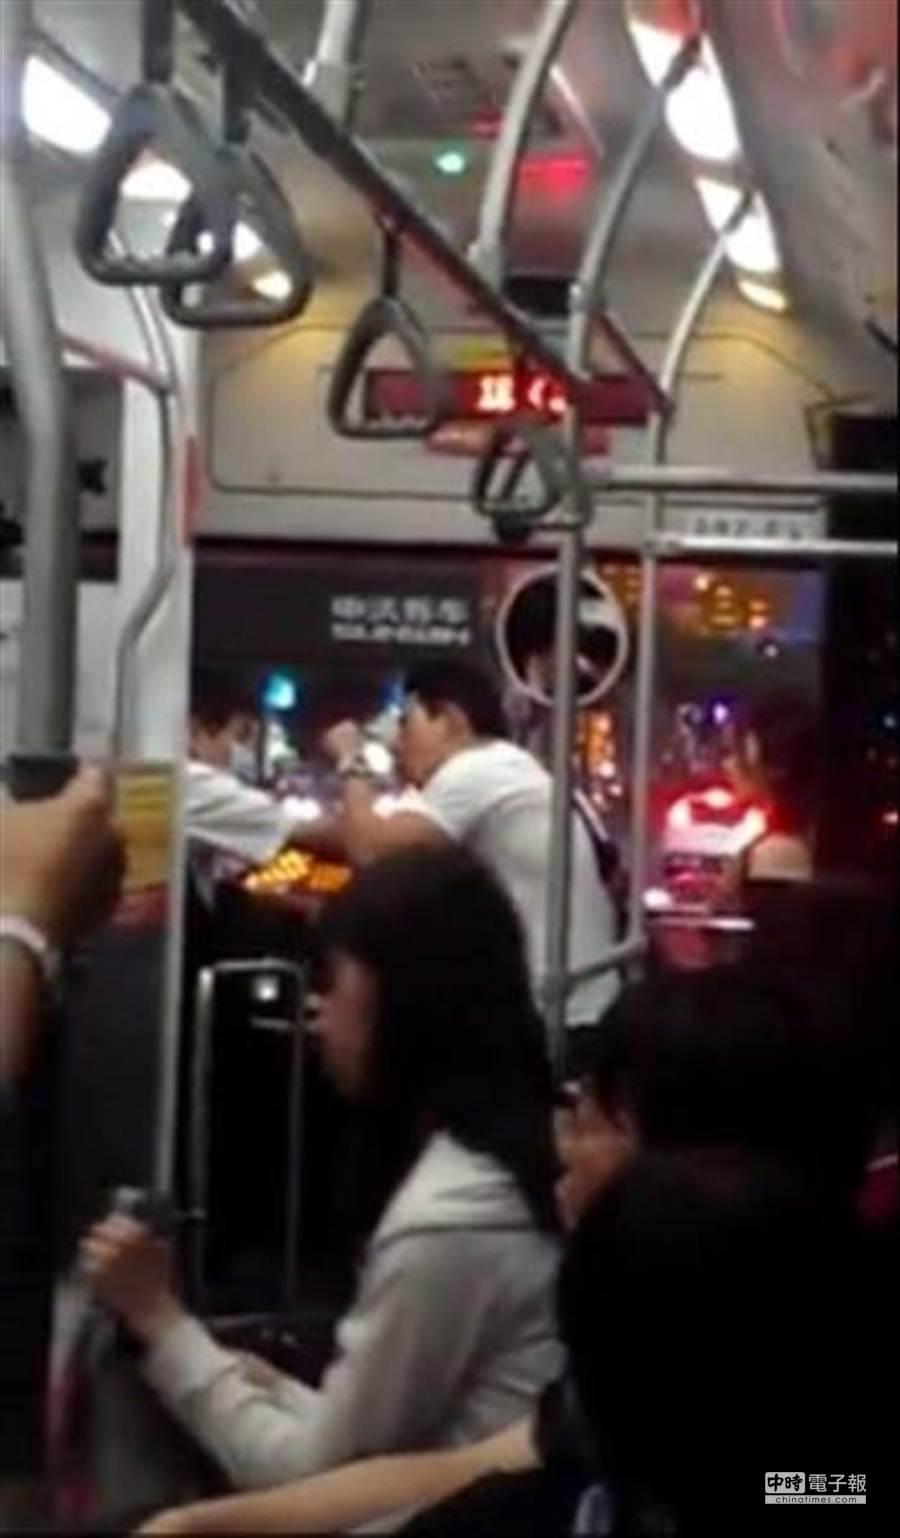 因怒罵桃園客運司機引起軒然大波的華裔朱姓男子,對側錄影片PO網的林姓女大學生撤告。(取材自網友臉書)